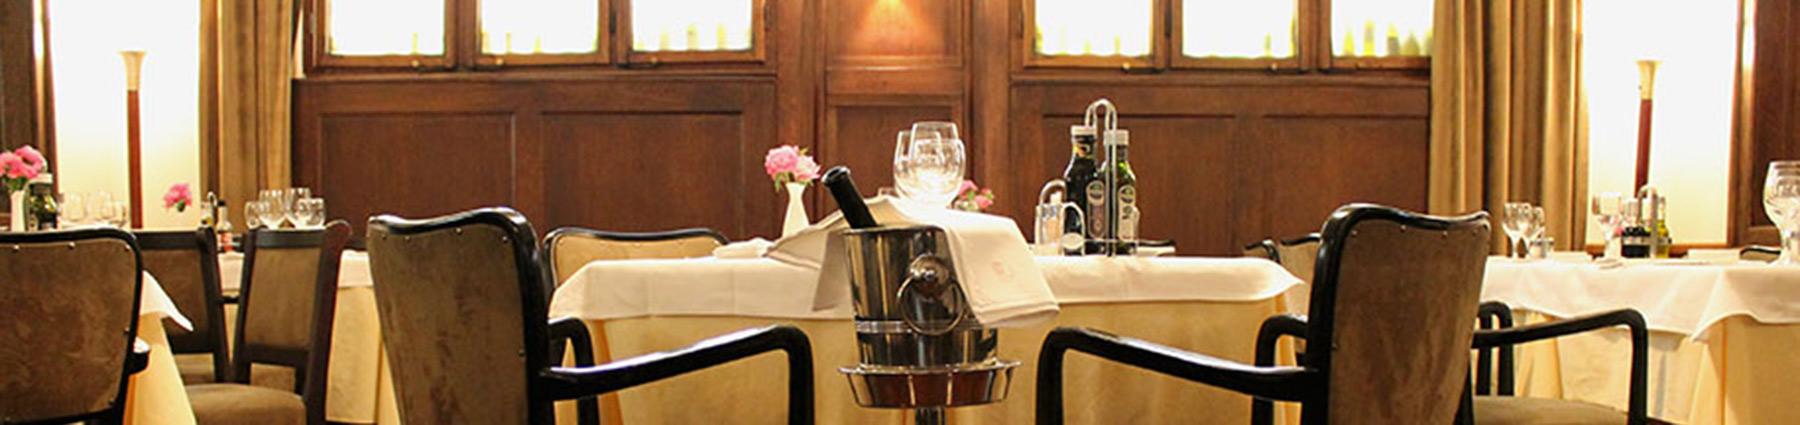 Restoran Klub Književnika